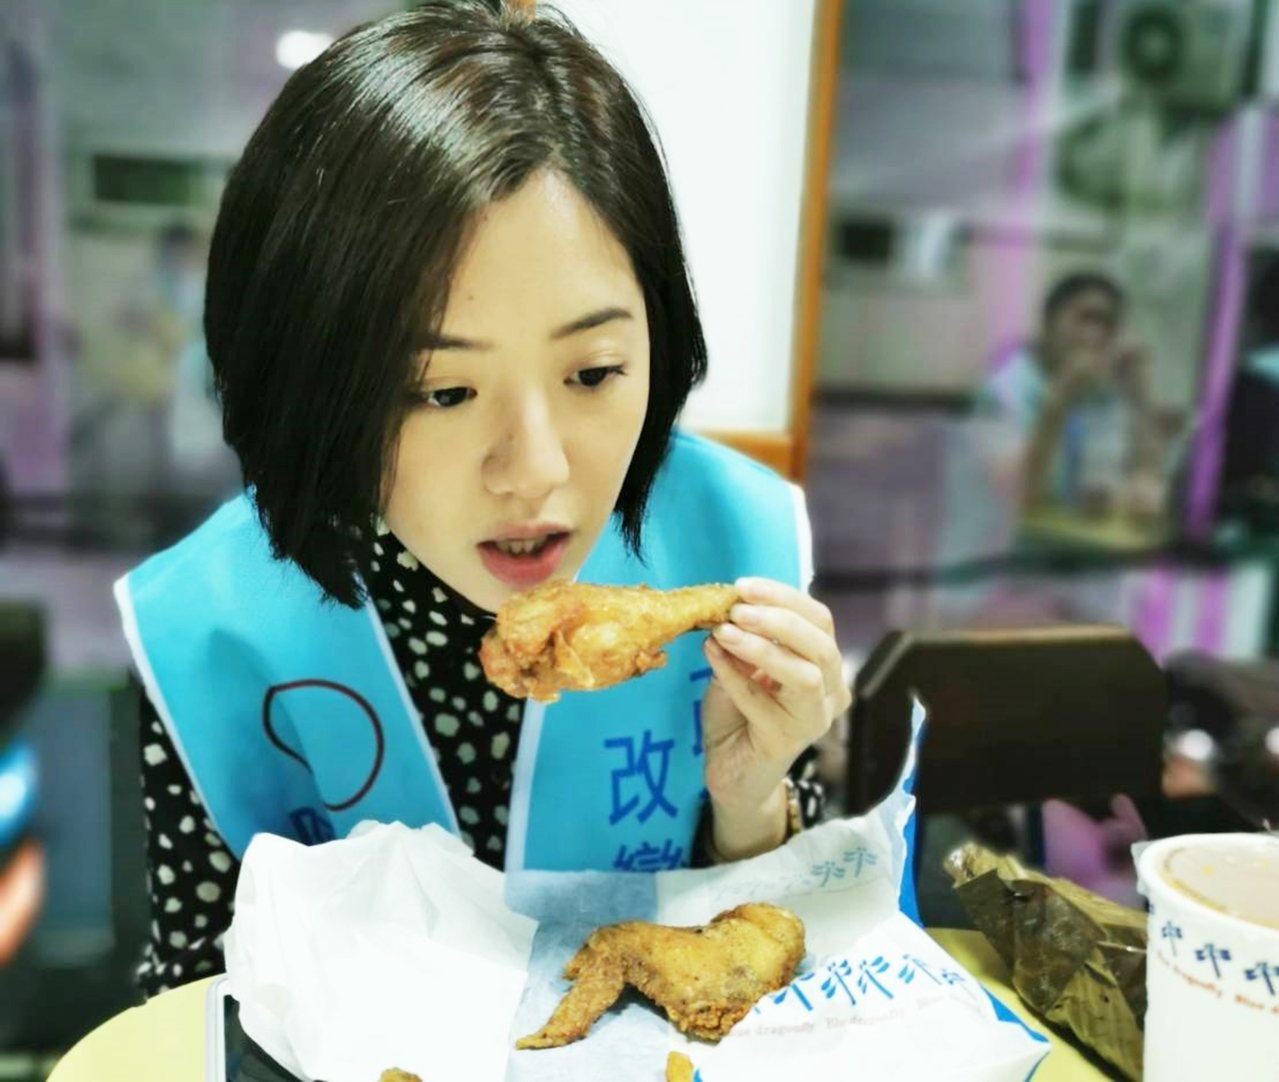 「學姐」黃瀞瑩今天下午到台東輔選,不忘品嘗台東美食藍蜻蜓炸雞。記者羅紹平/攝影